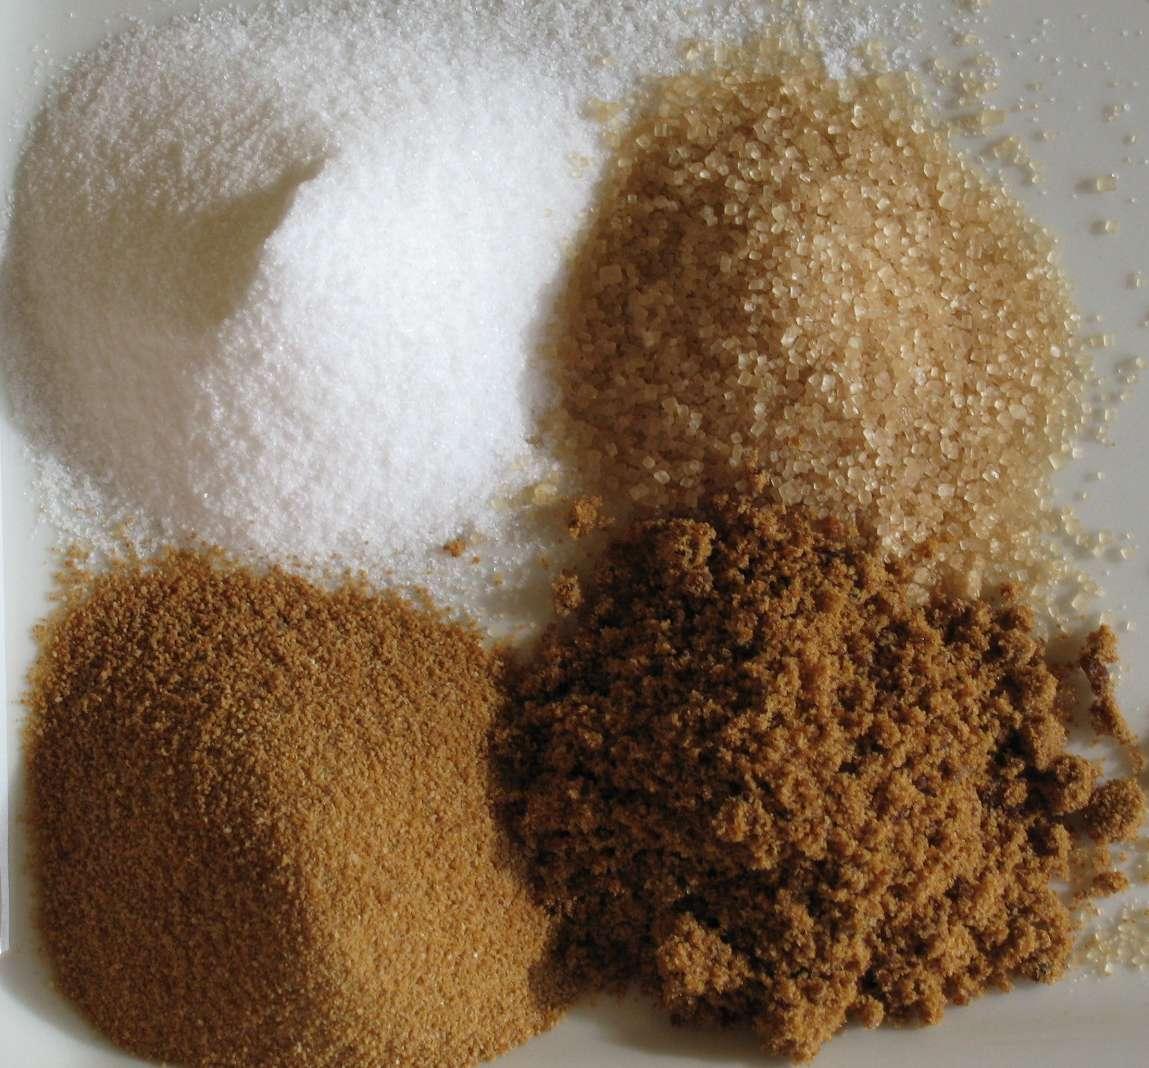 Chronique des matières premières agricoles: Le sucre au 28 mai 2020